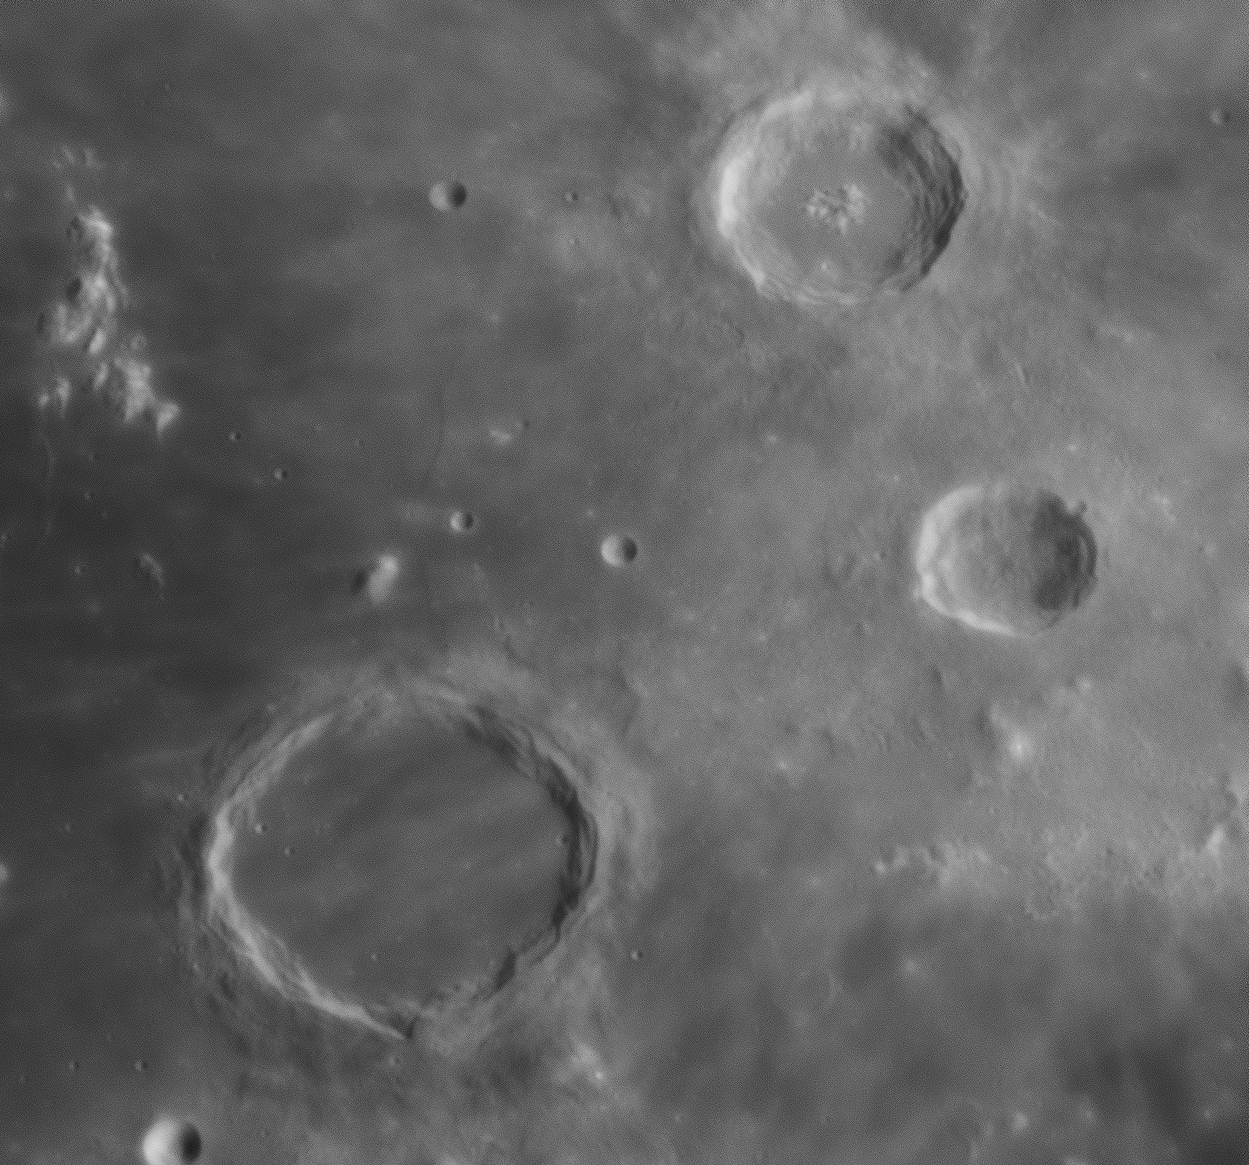 Gros plans lunaires 122643-1550684086